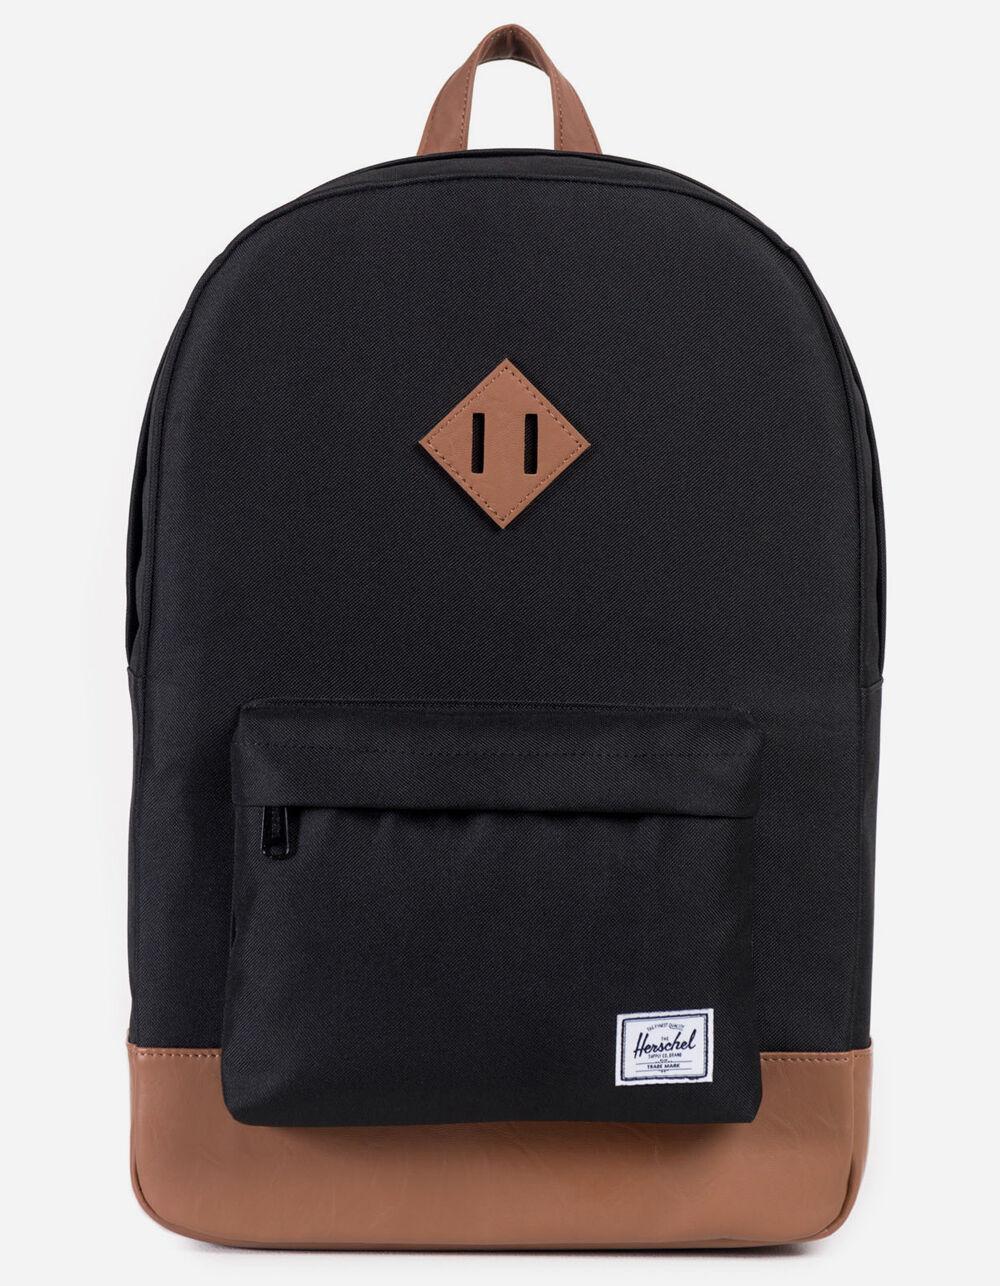 HERSCHEL SUPPLY CO. Heritage Black & Tan Backpack